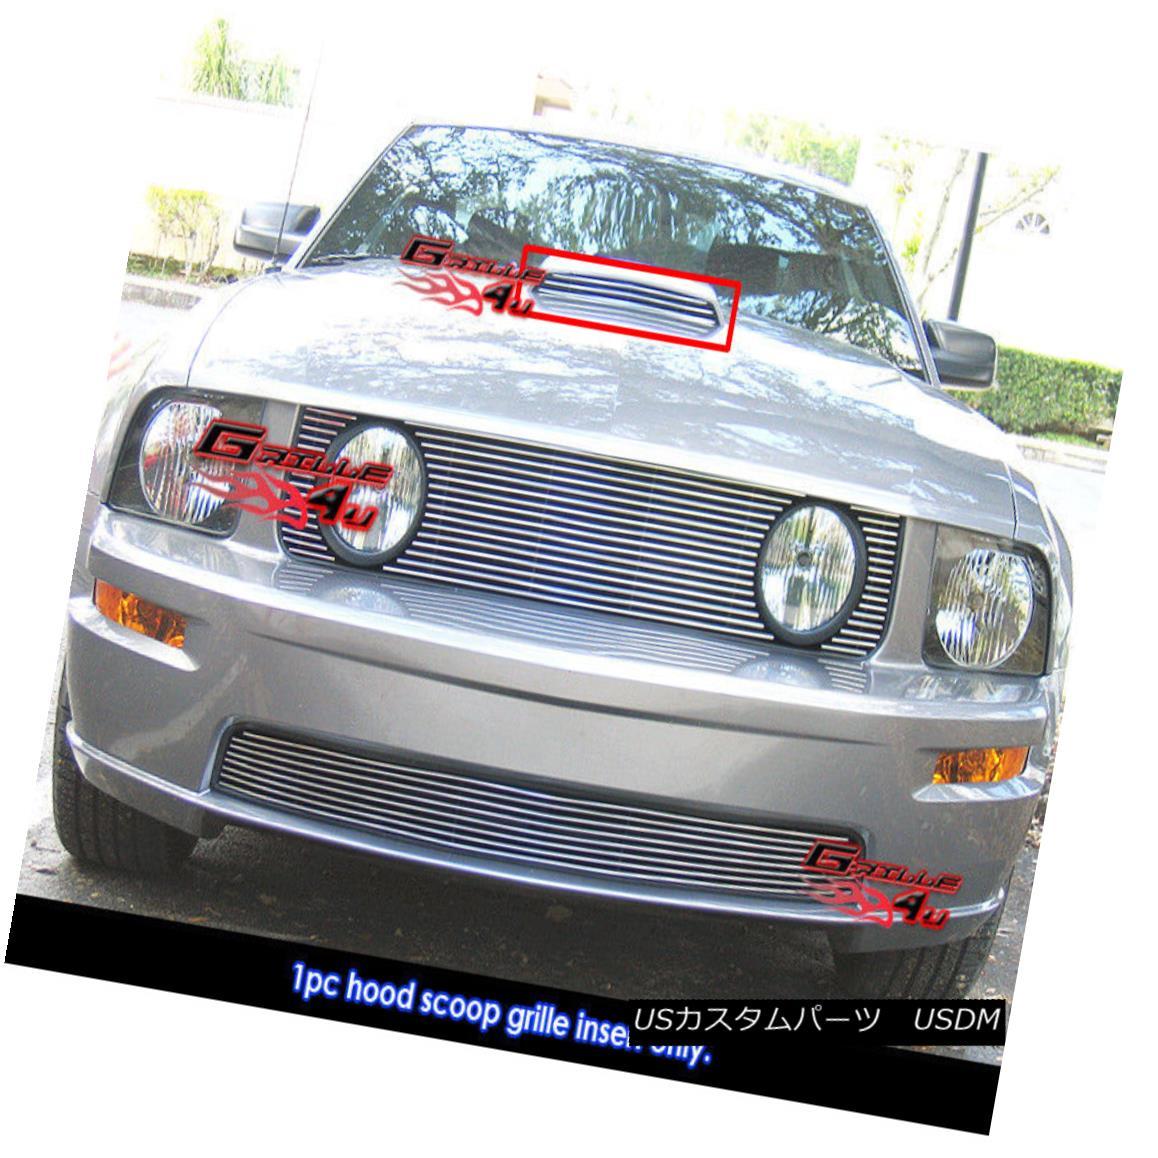 グリル Fits 2005-2009 Ford Mustang GT V8 Hood Scoop Main Upper Billet Grille フィット2005-2009フォードマスタングGT V8フードスクープメインアッパービレットグリル